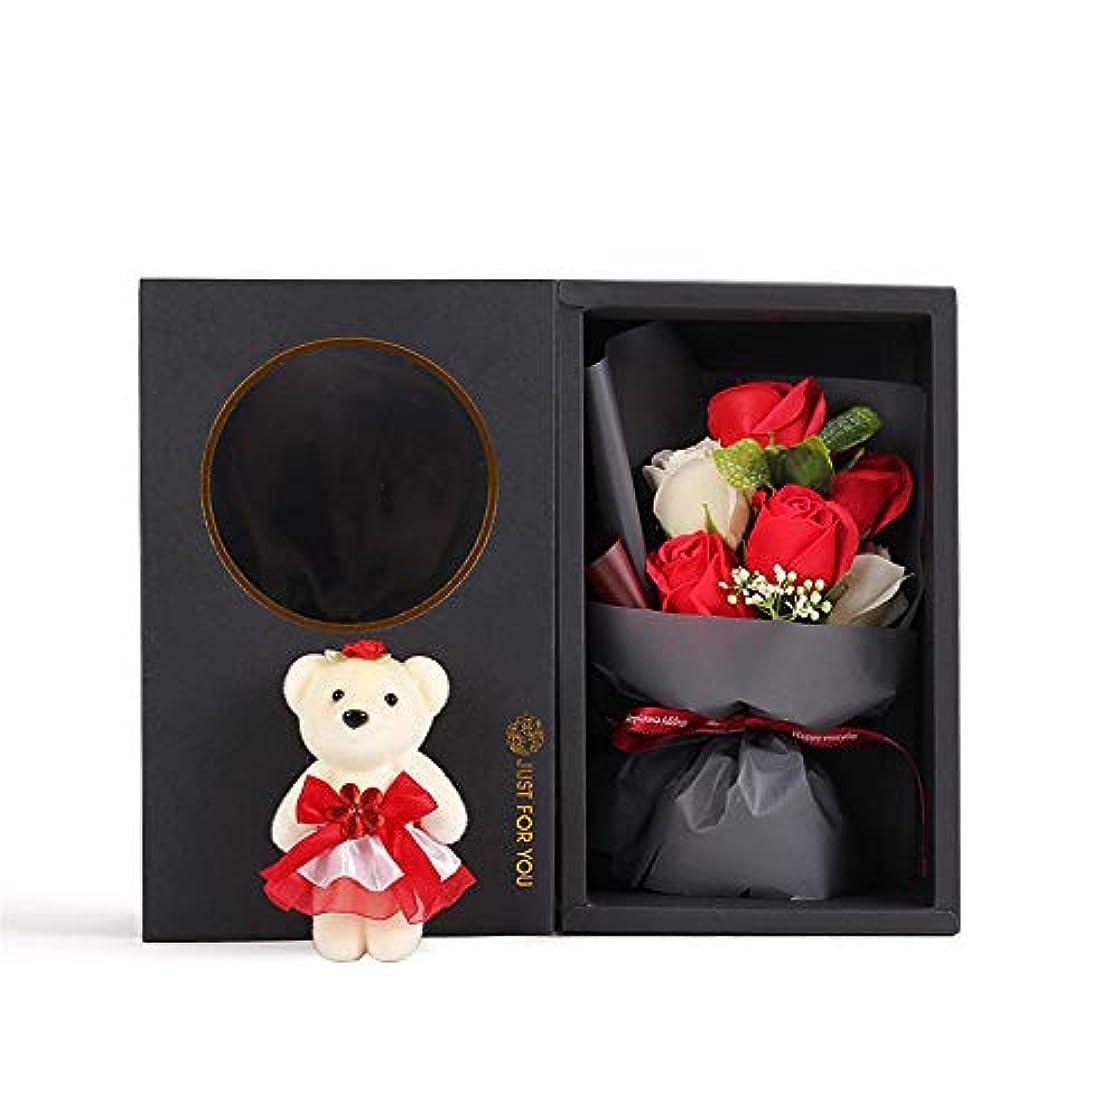 バンジージャンプ自治的原点手作り6石鹸花の花束ギフトボックス、女性のためのギフトあなたがバレンタインデー、母の日、結婚式、クリスマス、誕生日を愛した女の子(ベアカラーランダム) (色 : 赤)